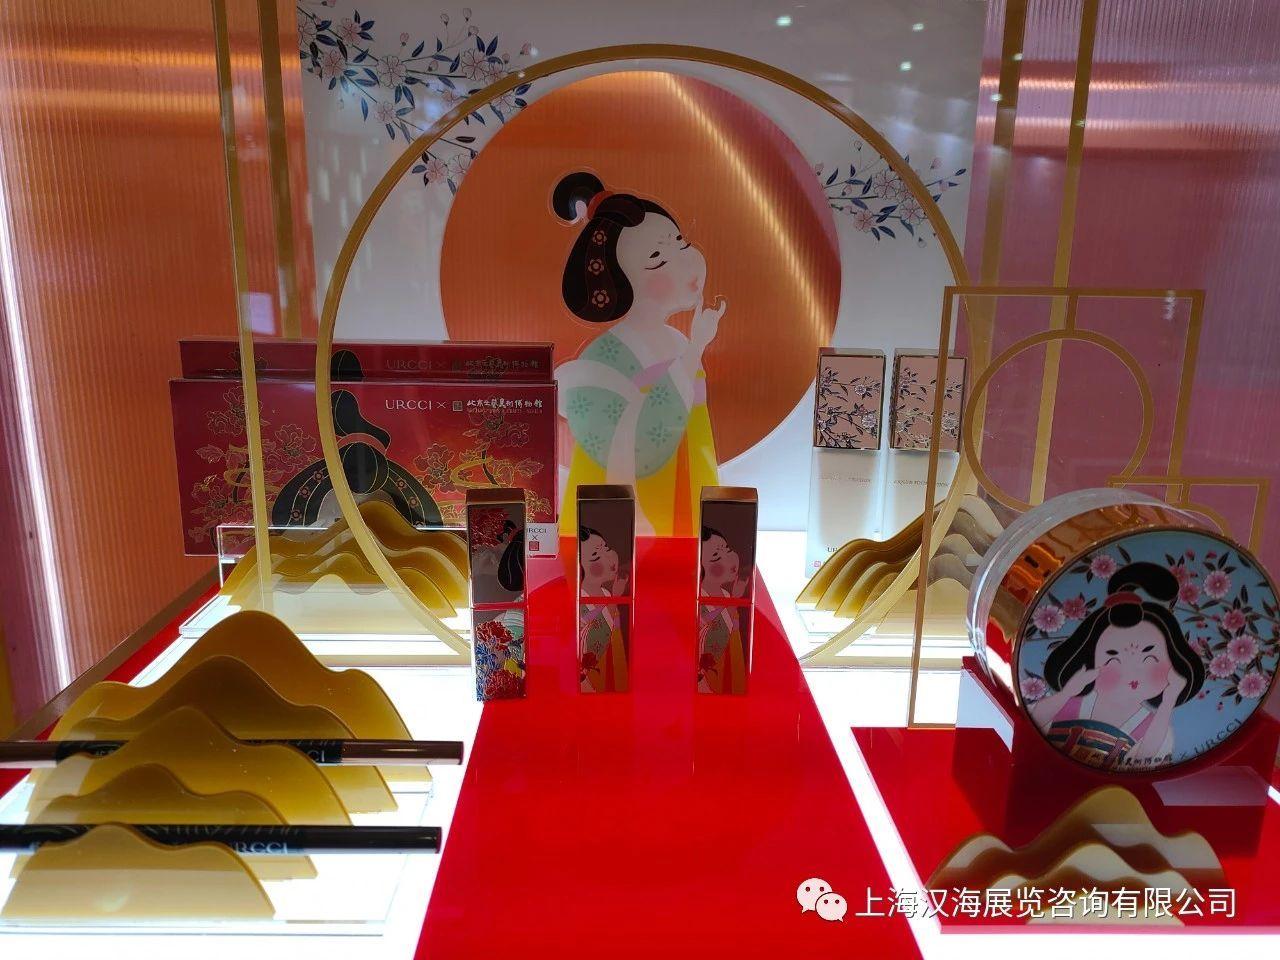 第二十五届中国美容博览会(CBE)会展审图